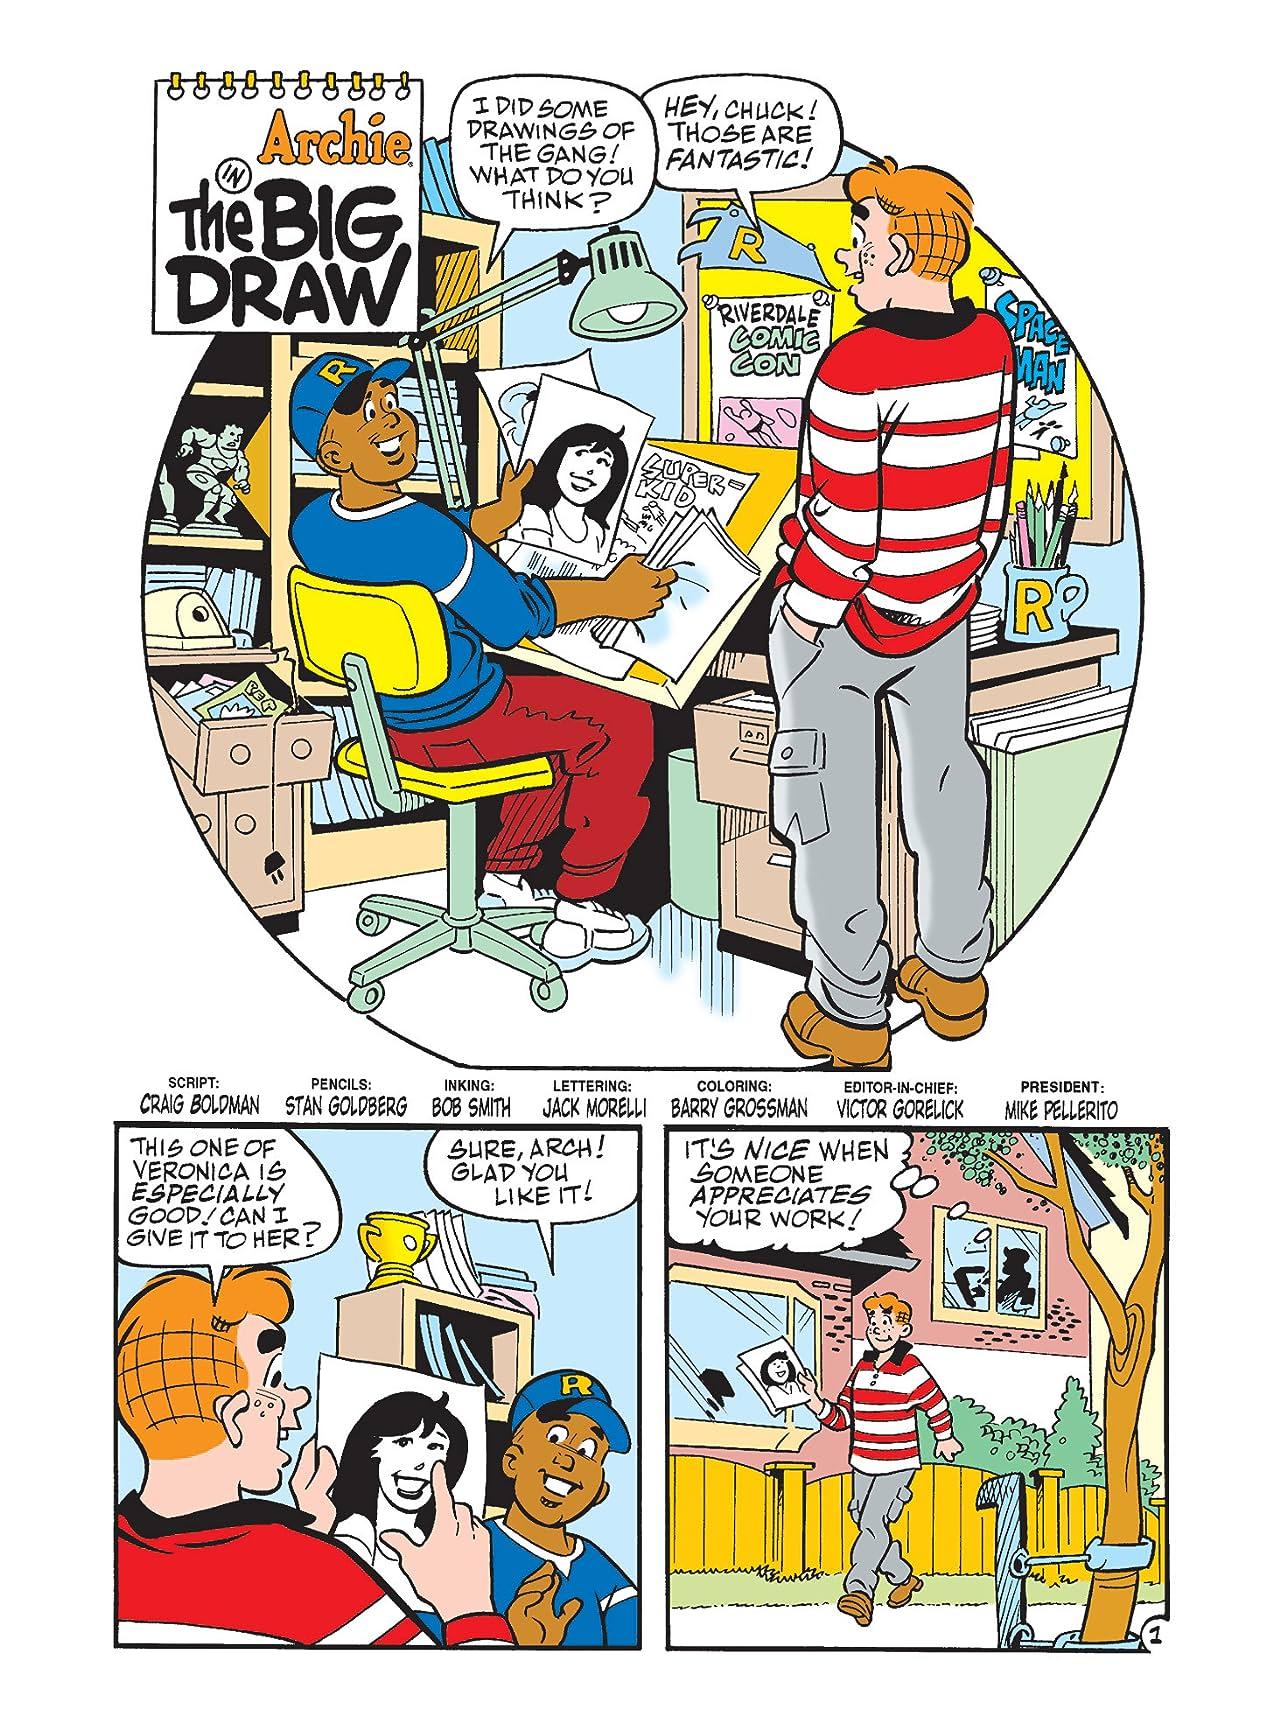 Archie 1000 Page Digest: Part 3